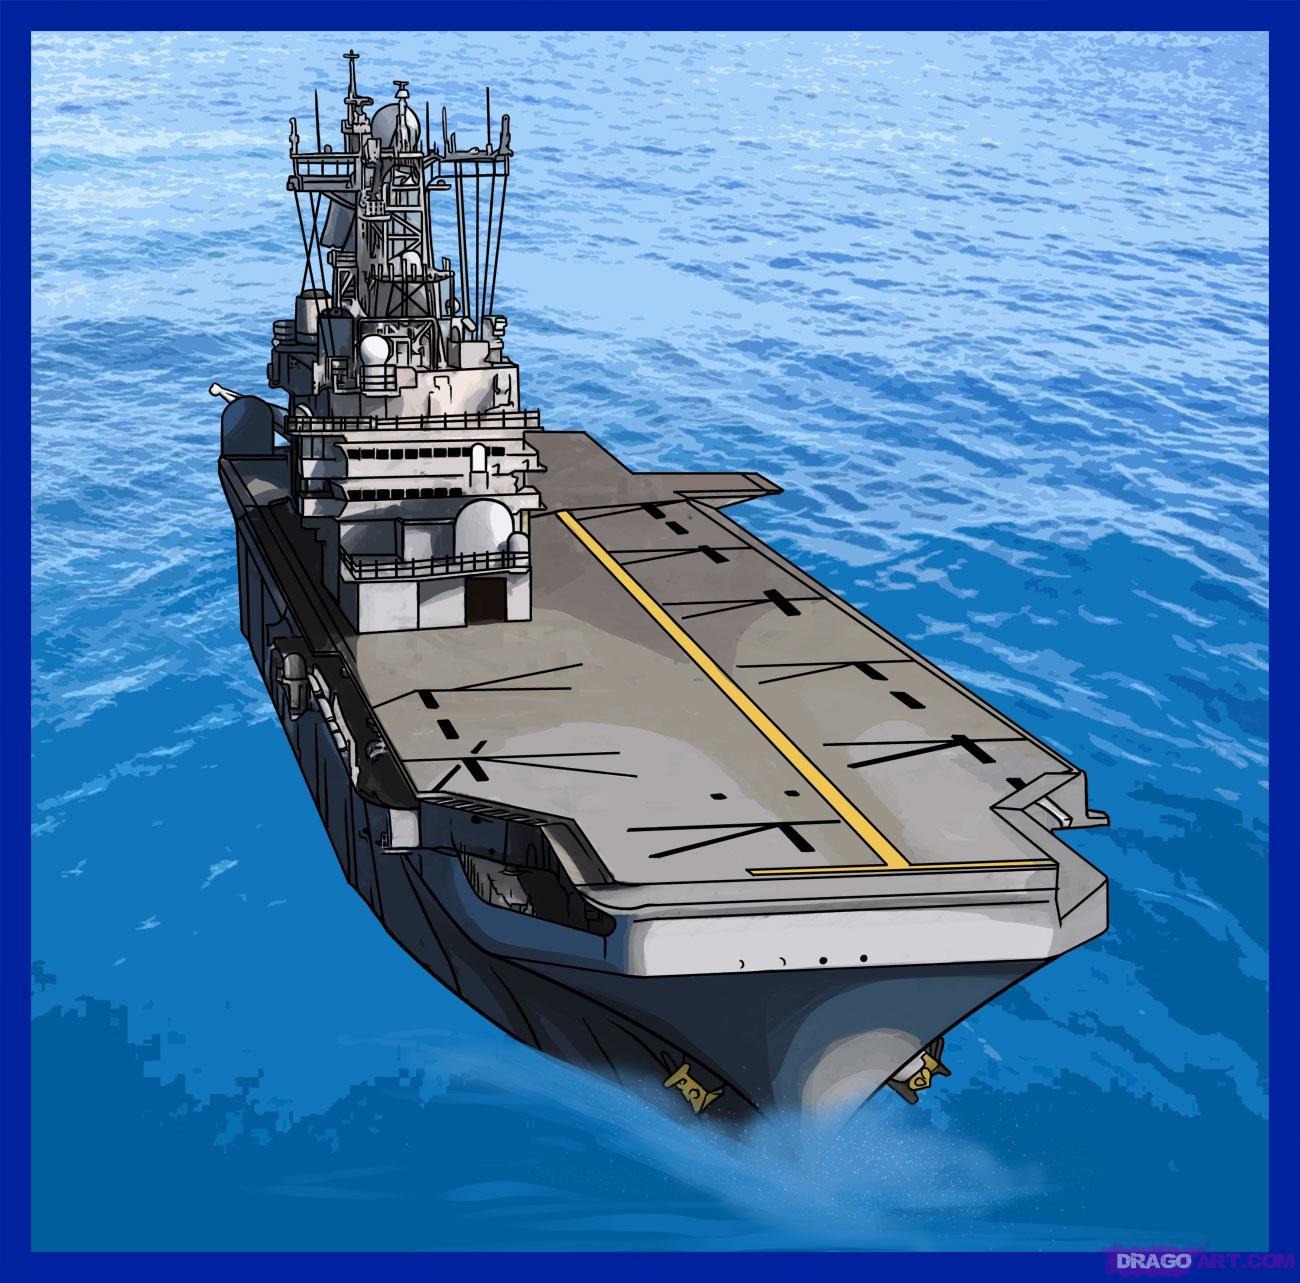 Drawn ship battleship Drawing Aircraft carrier carrier Aircraft